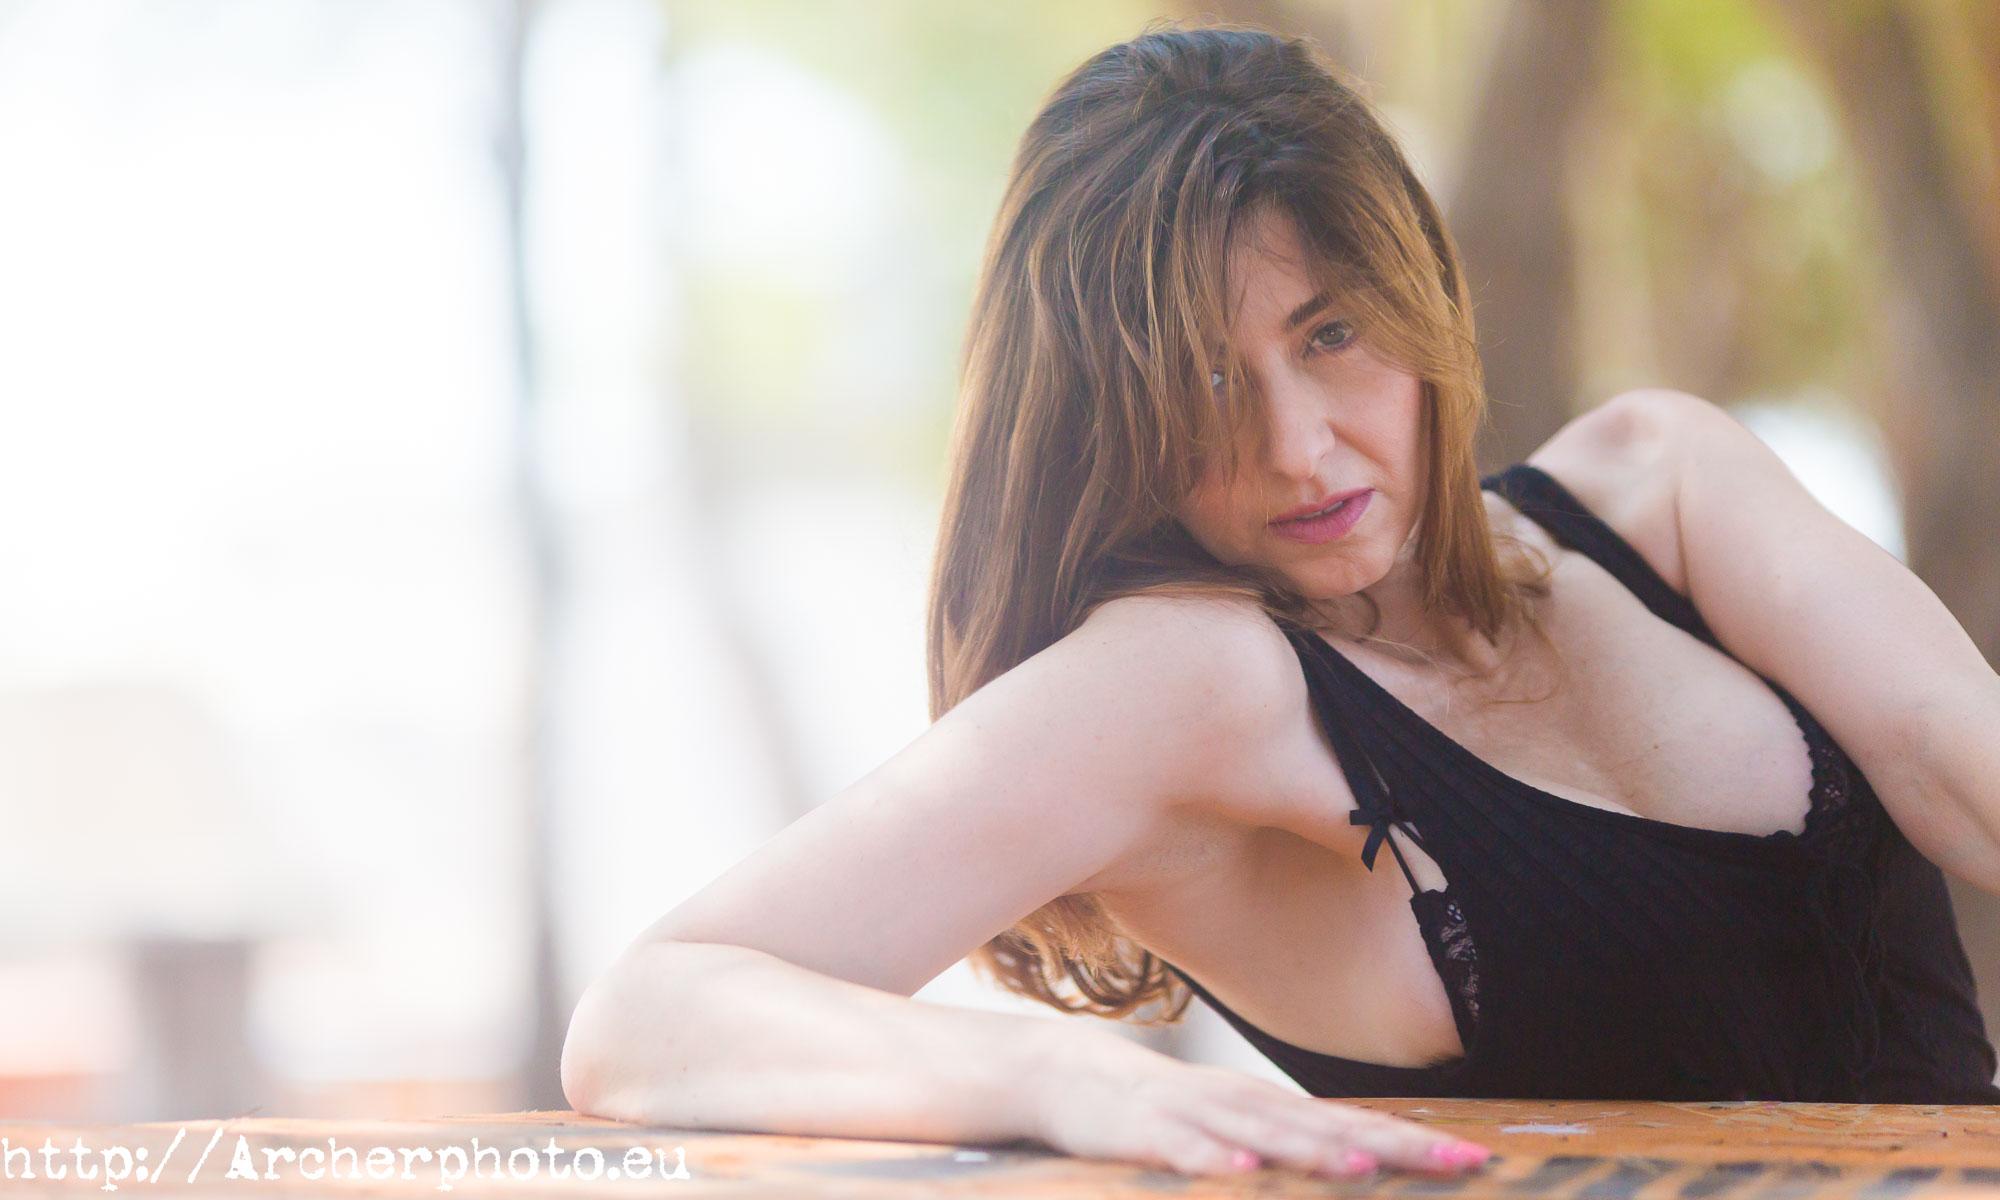 Belén Riquelme en La Matandeta,actriz valenciana,Albufera,Valencia